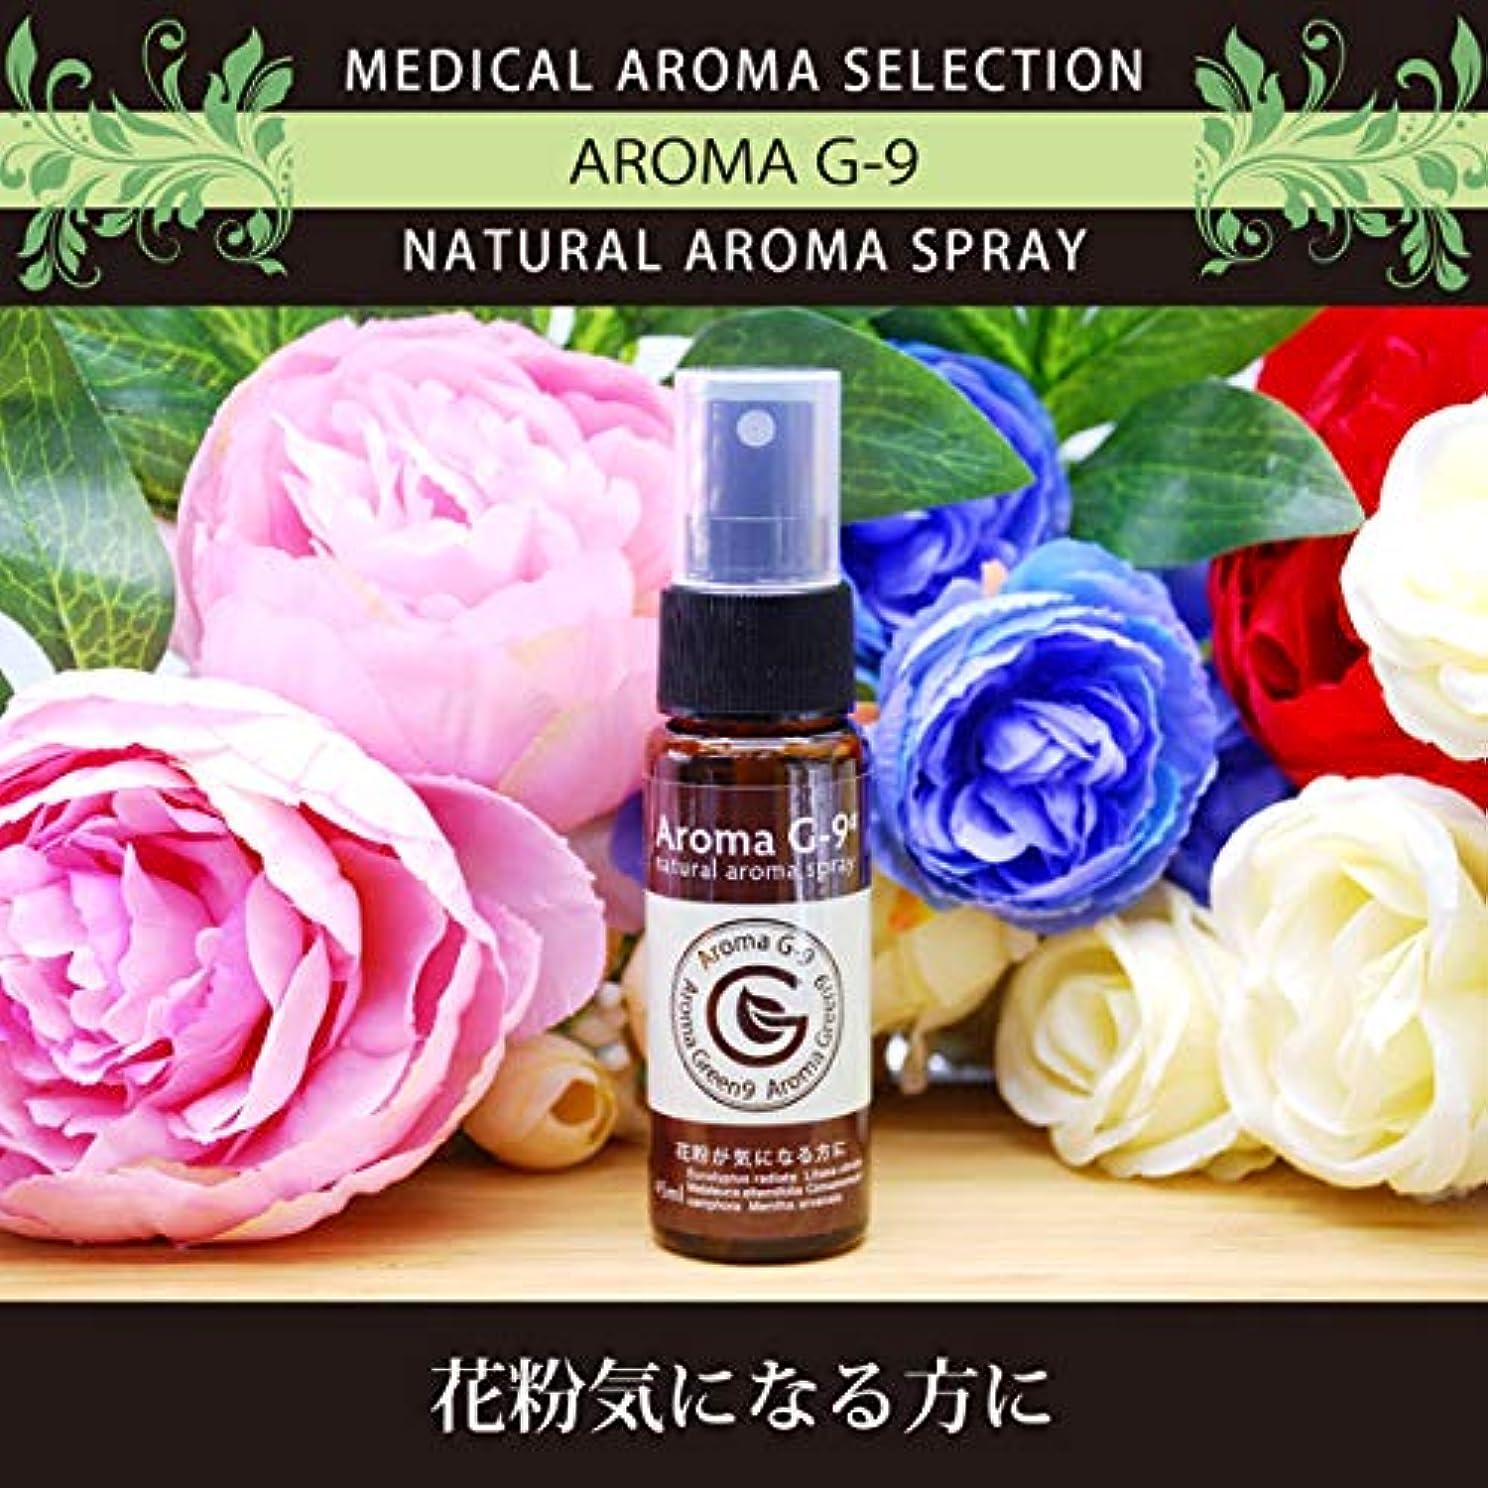 オーバーヘッド契約したパラシュートアロマスプレー Aroma G-9# 花粉症アロマスプレー 45ml